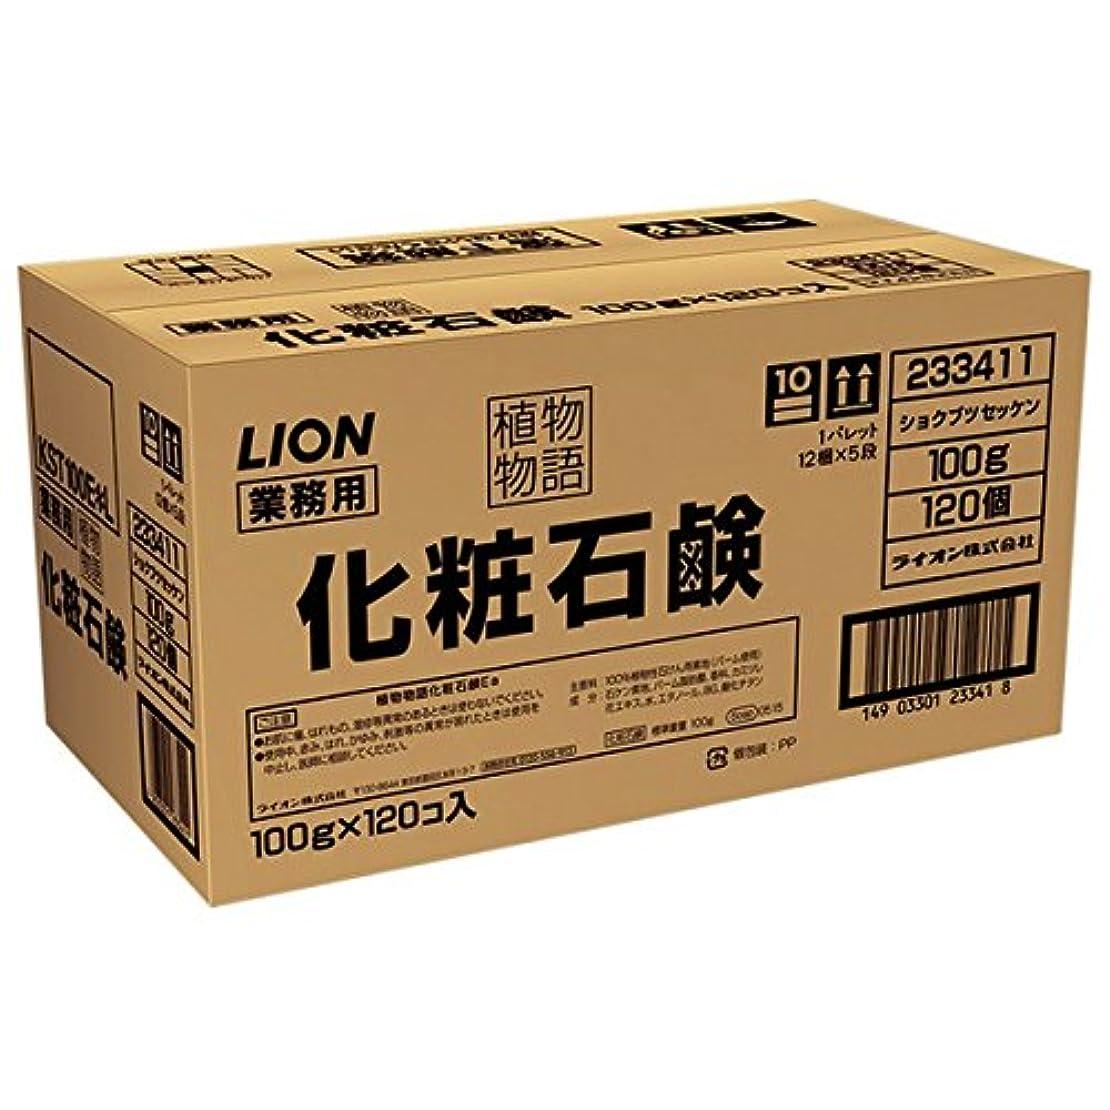 出撃者カラス示すライオン 植物物語 化粧石鹸 業務用 100g 1箱(120個)